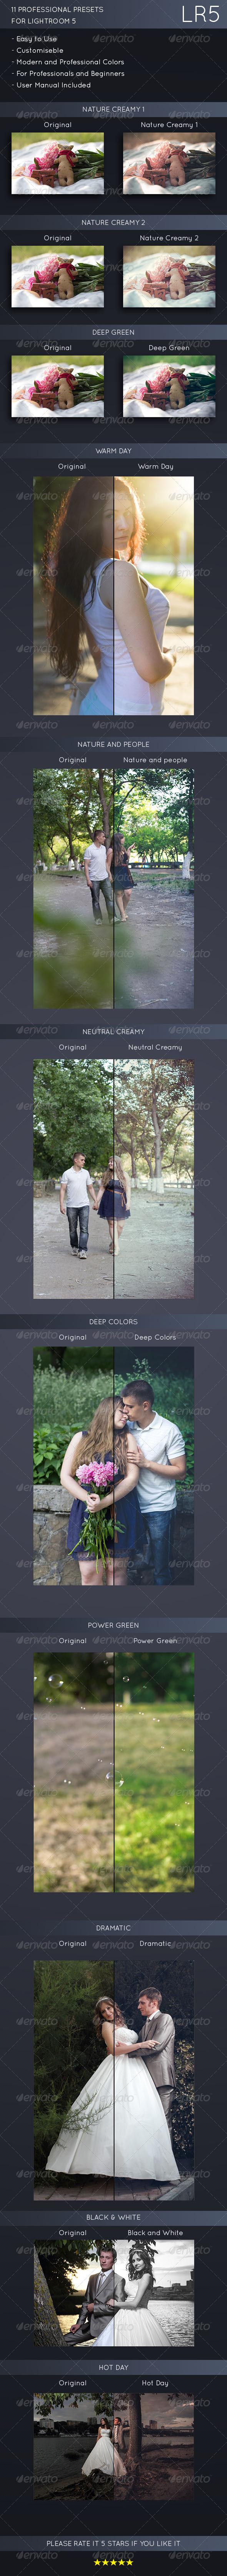 GraphicRiver 11 Pro Universal Presets 7841434